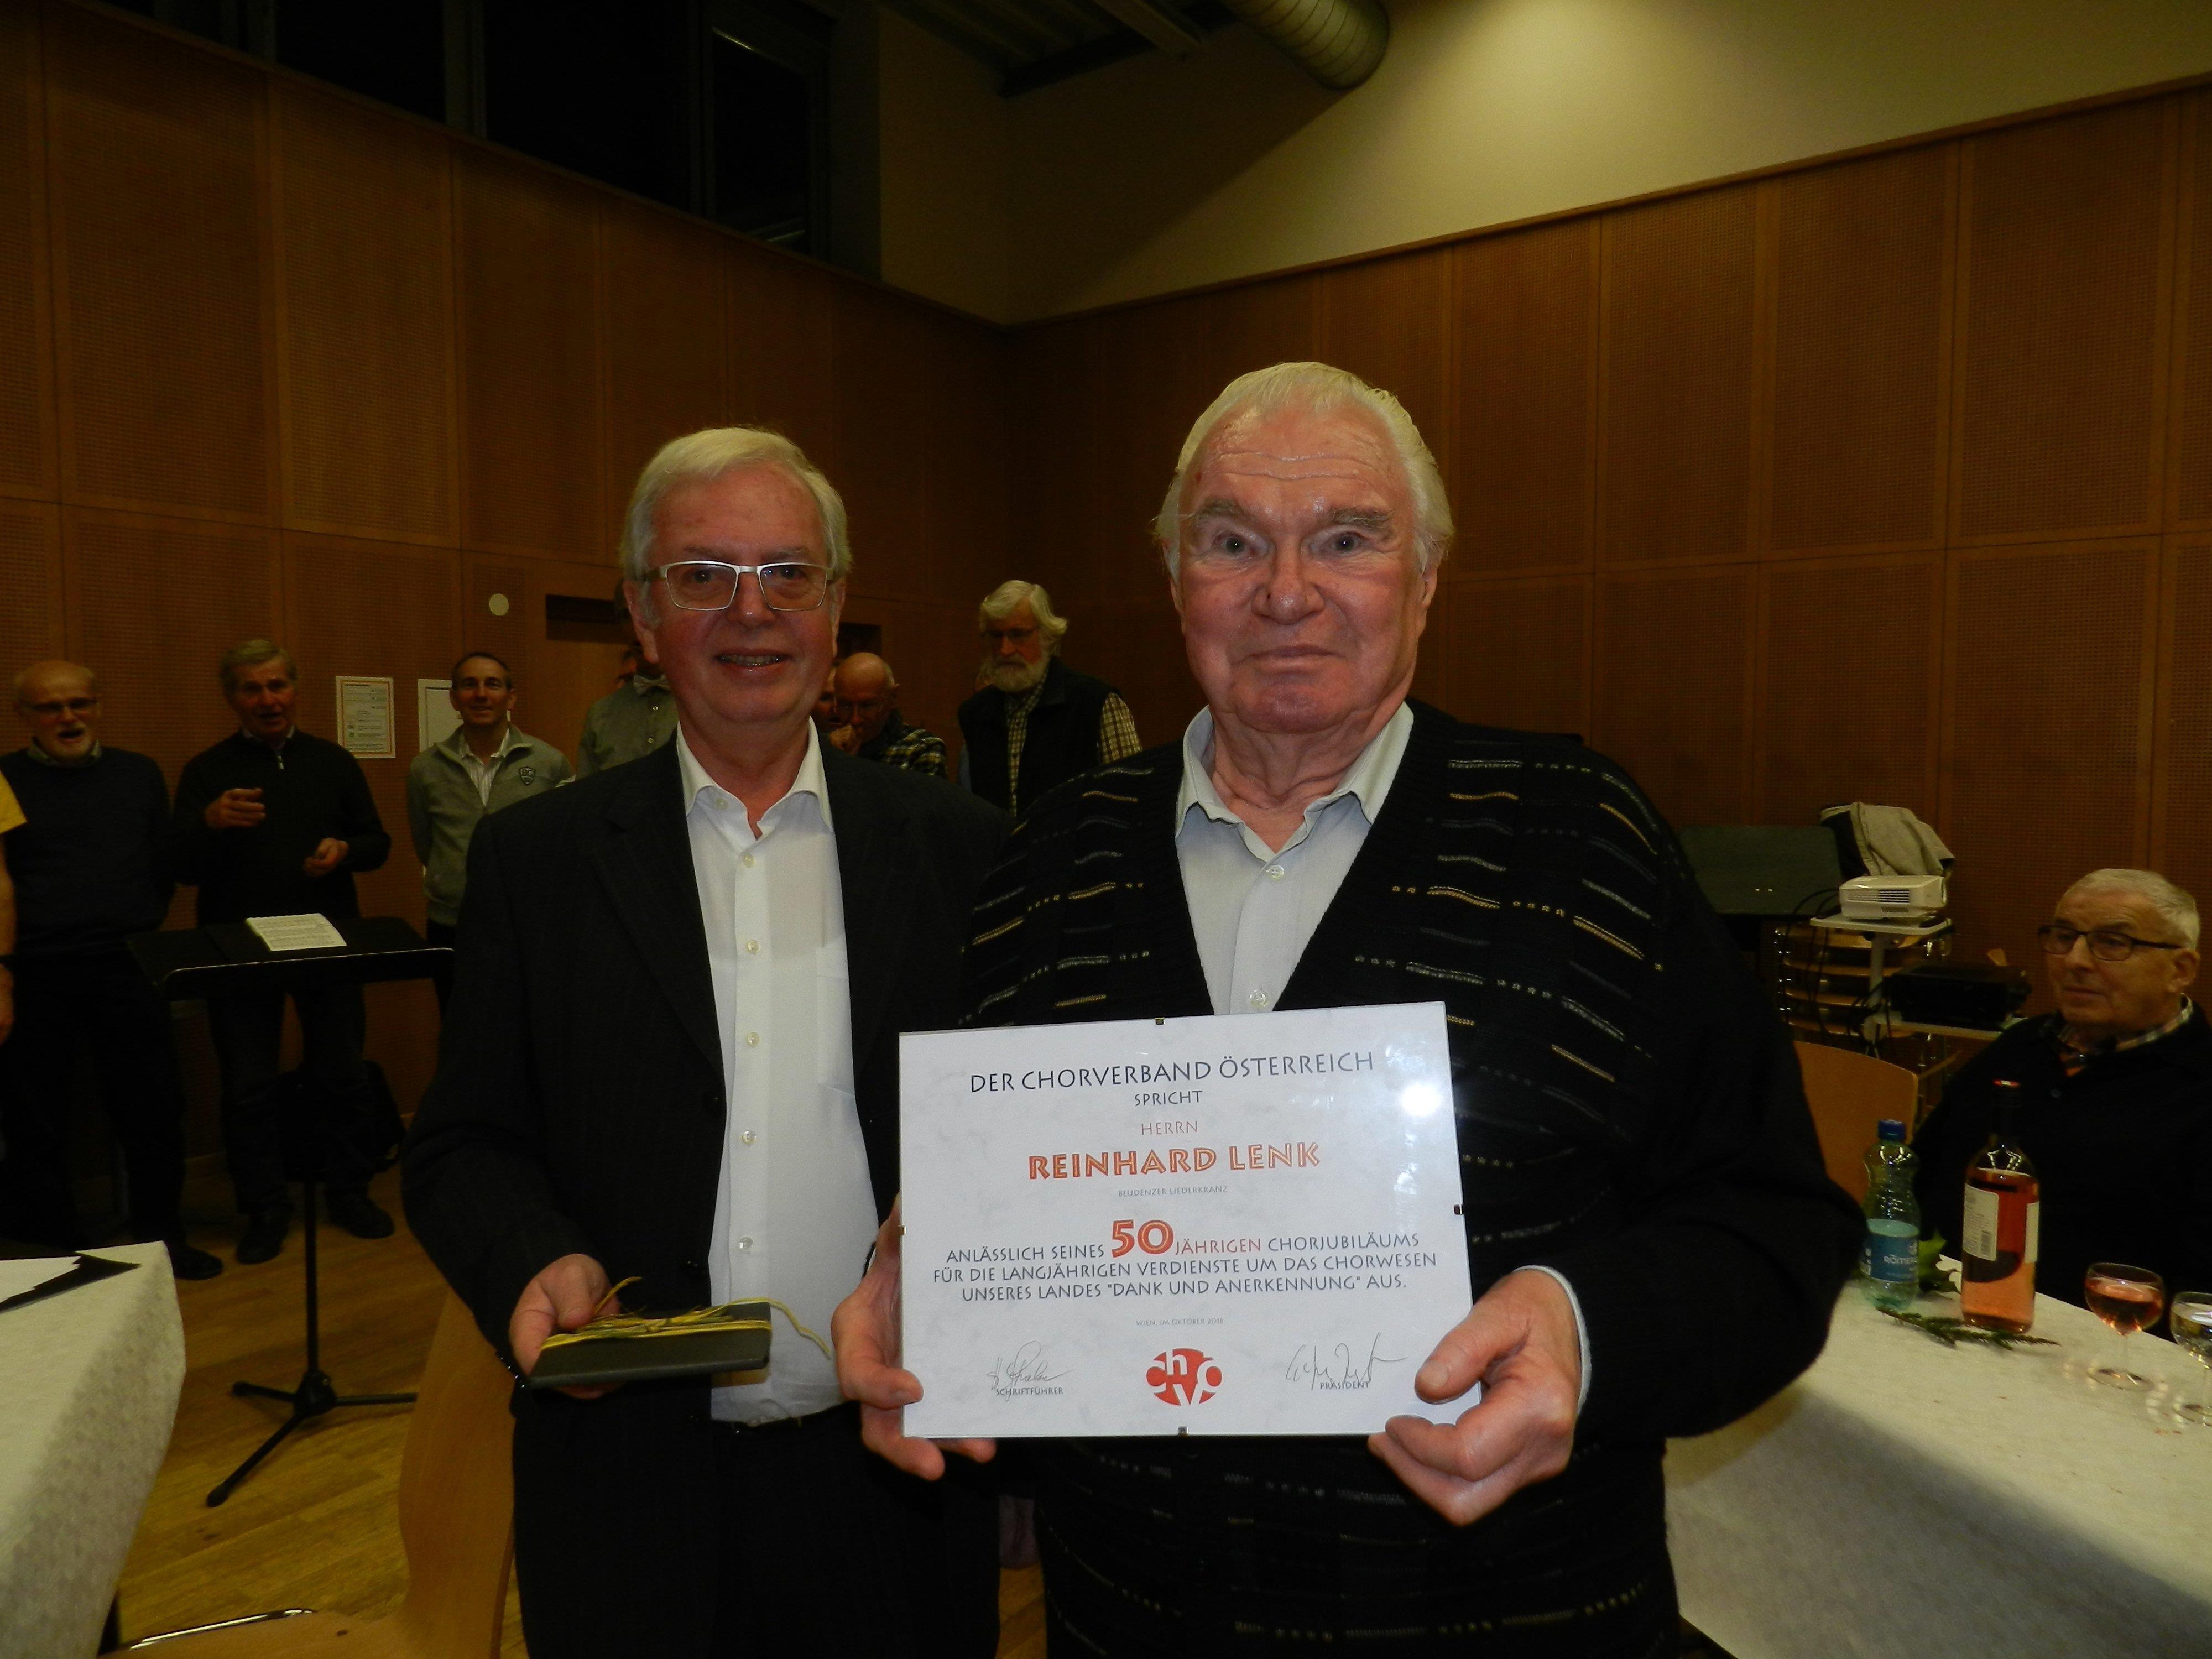 Reinhard Lenk erhält das goldene Verdienstabzeichen des Österreichischen Chorverbandes